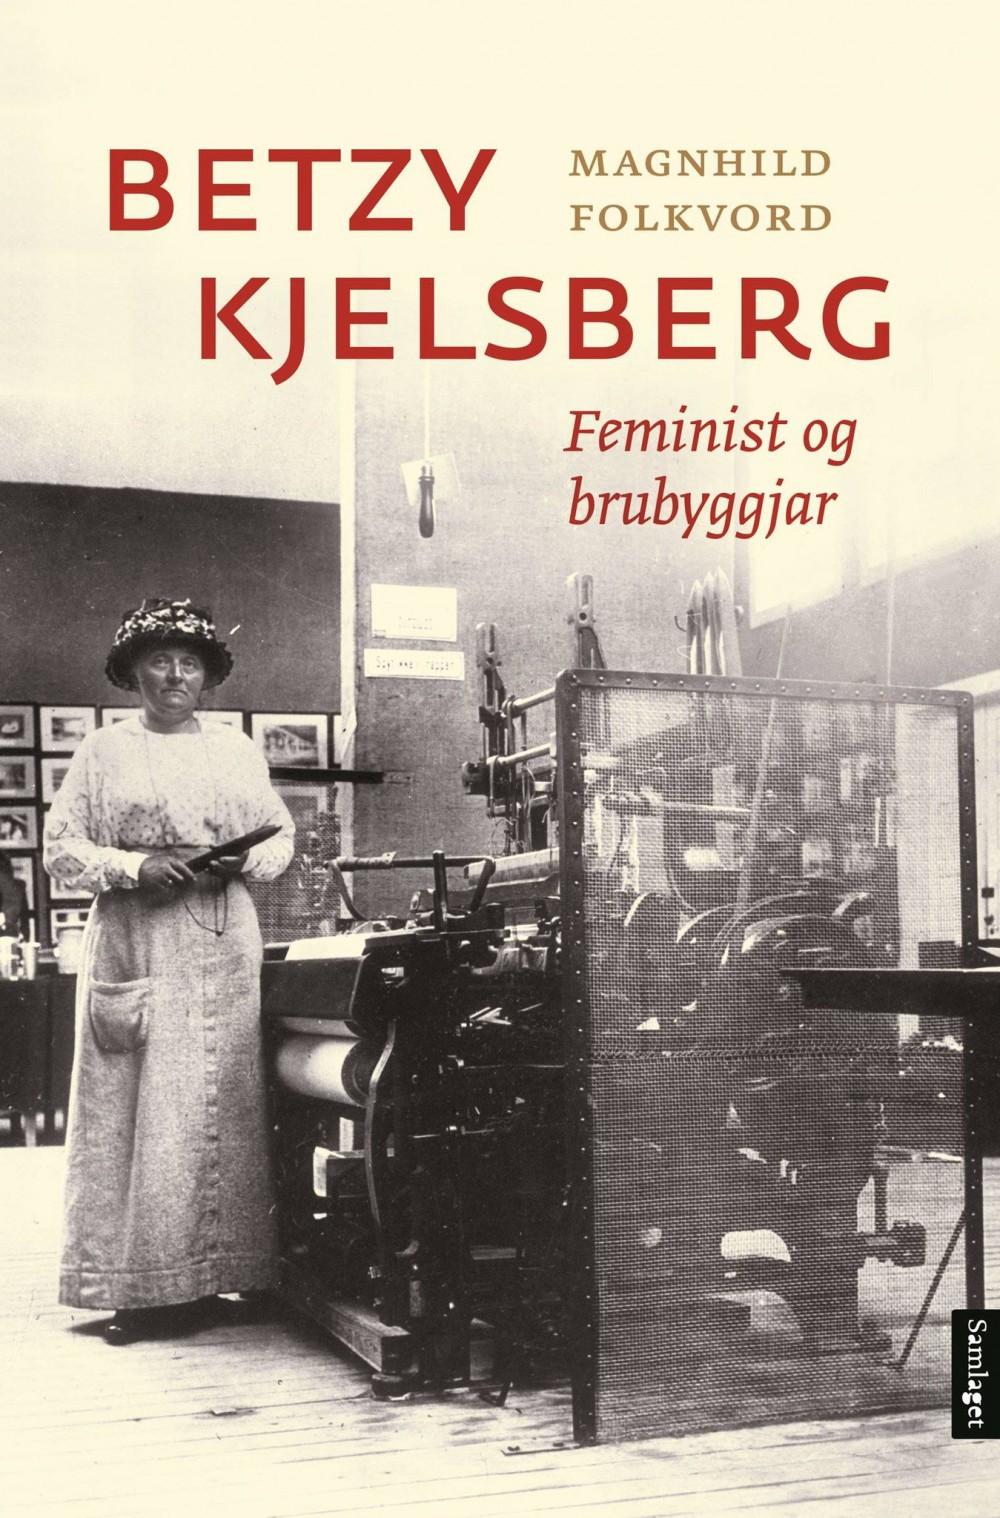 Magnhild Folkvord: Betzy Kjelsberg - Feminist og brubyggjar